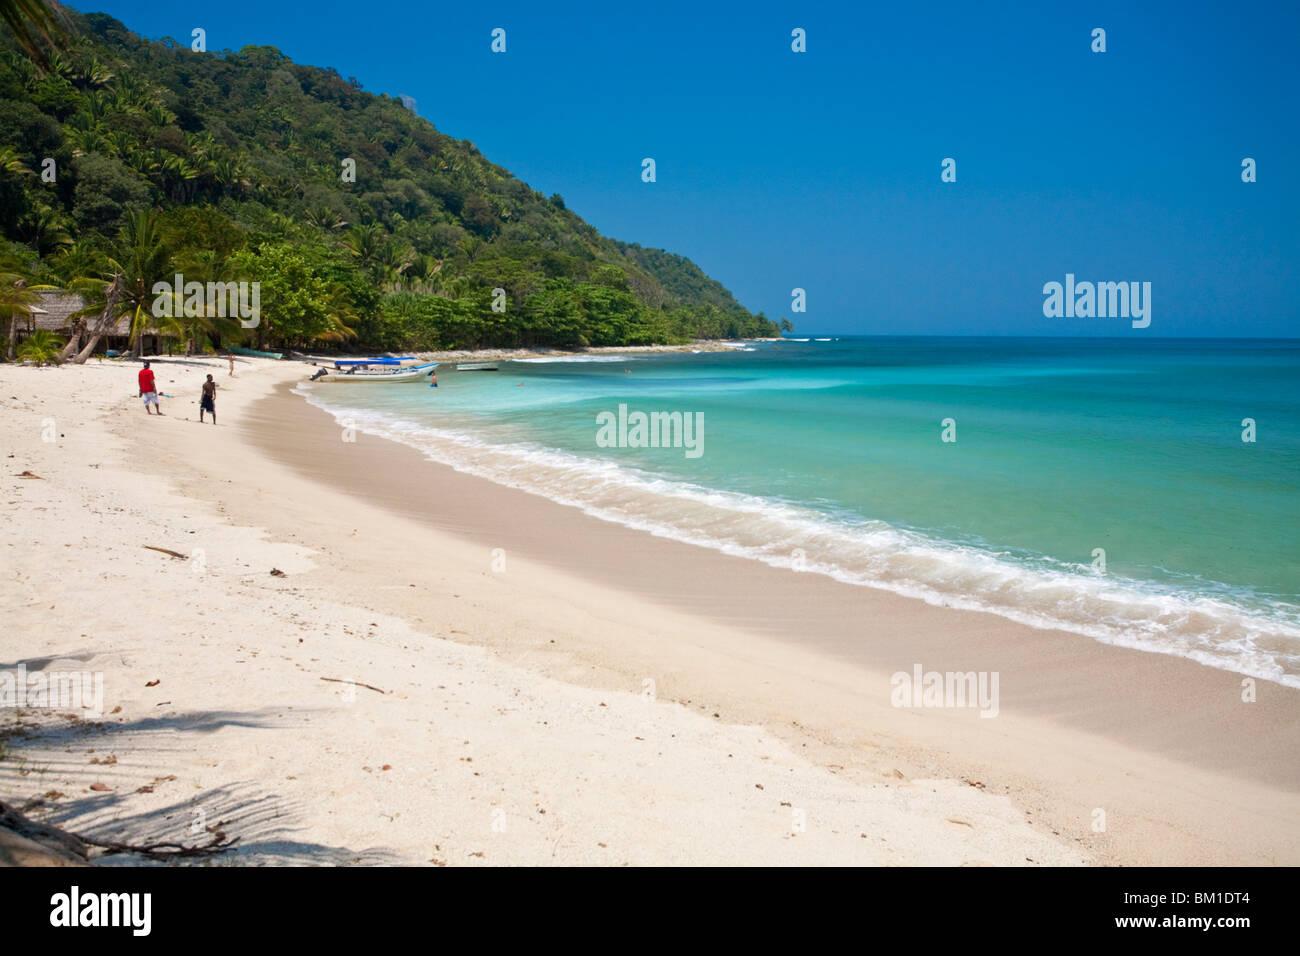 Cocalto Playa, Parque Nacional Jeannette Kawas, Punta Sal, Tela, Honduras, América Central Imagen De Stock